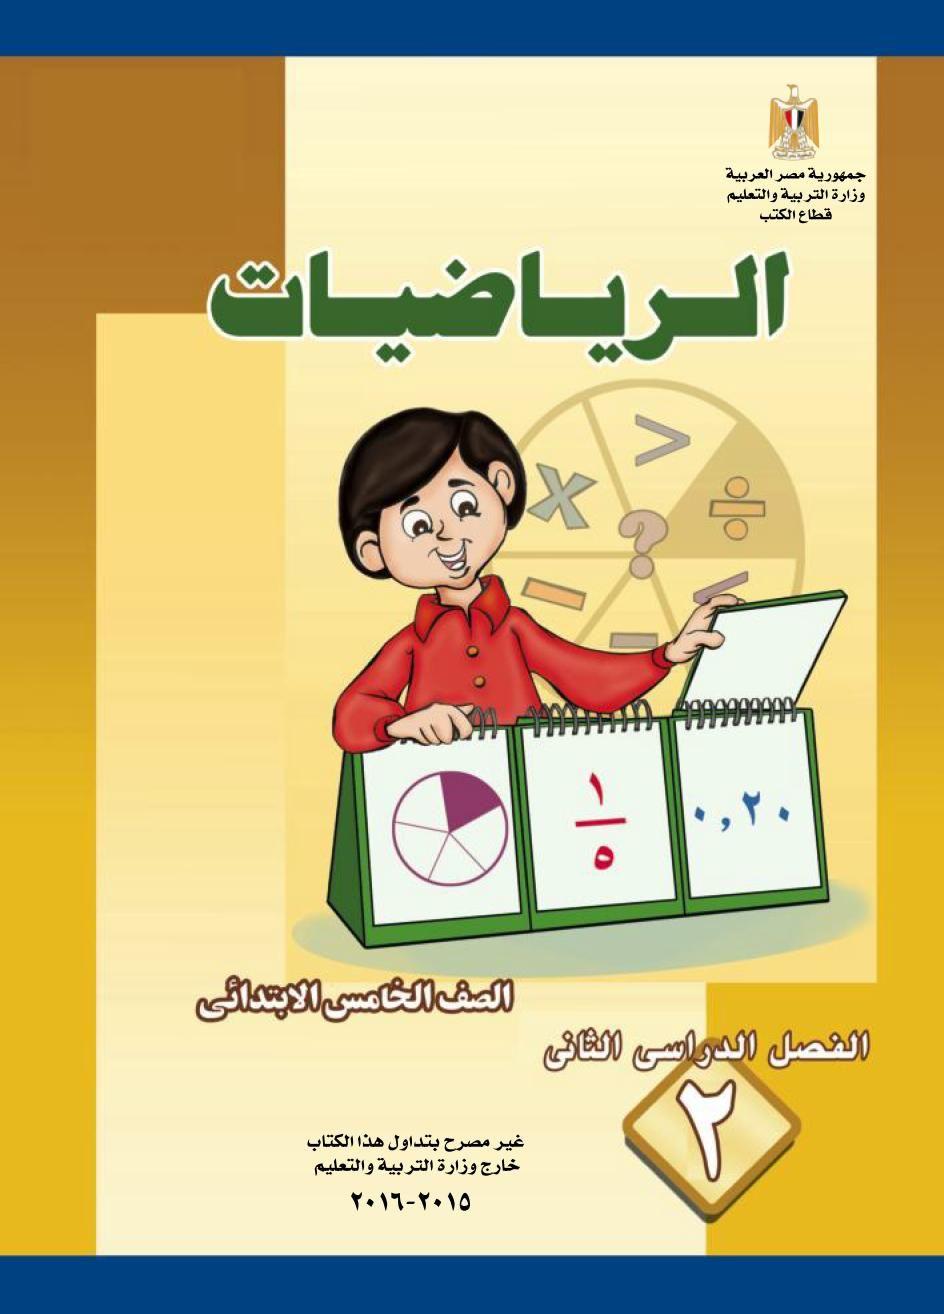 الرياضيات للصف السادس الفصل الثاني كتاب التمارين